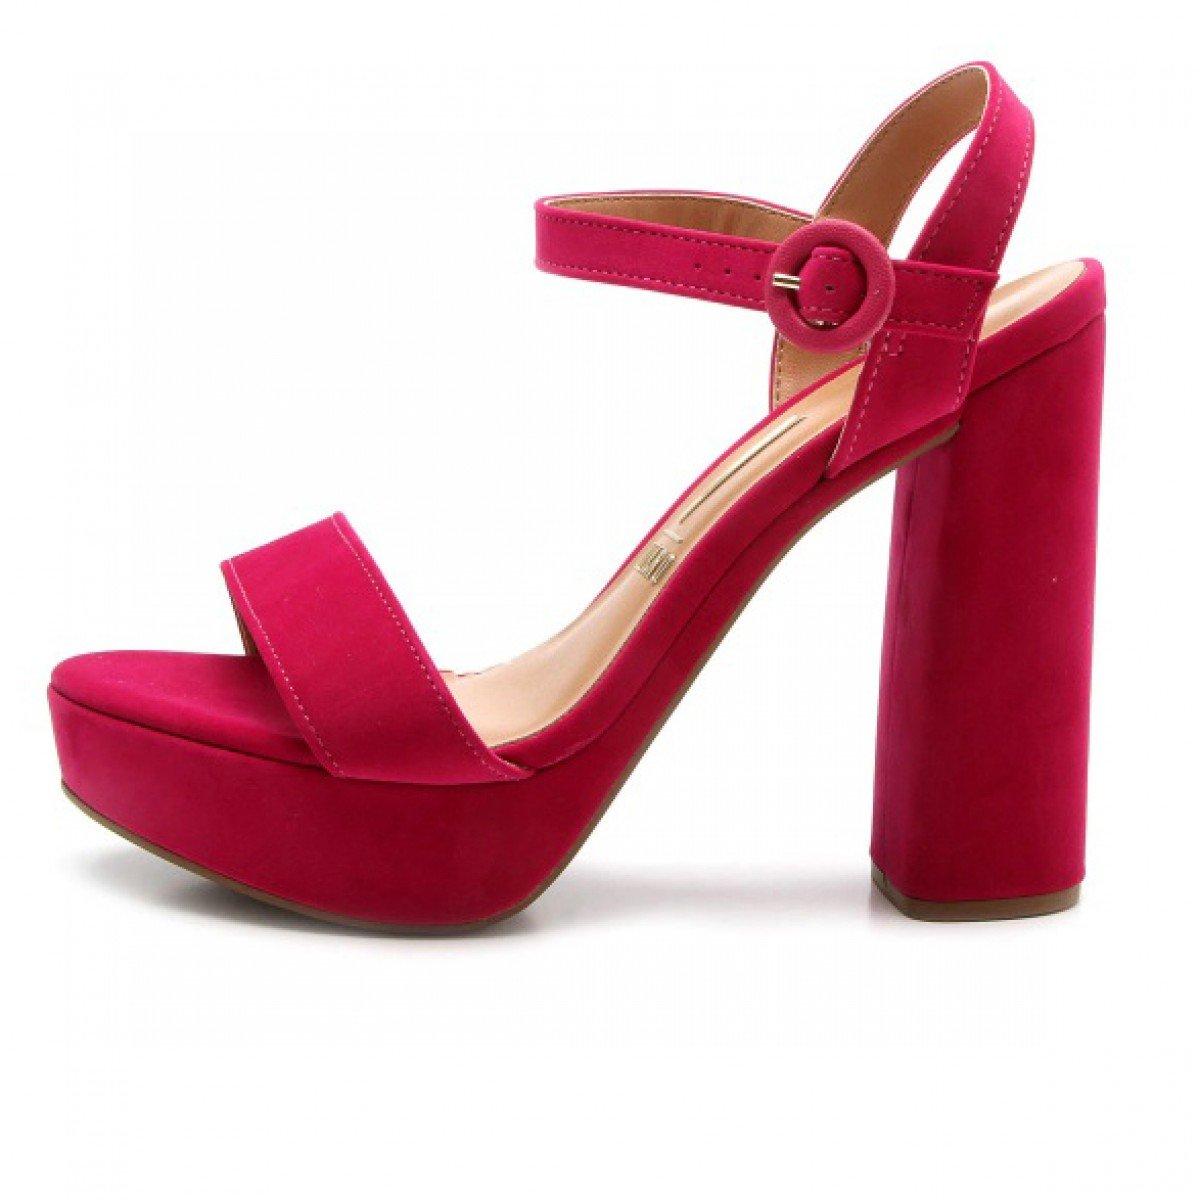 586853cc3 Sandália Vizzano Salto Grosso Camurça Rosa Pink - Compre Agora ...